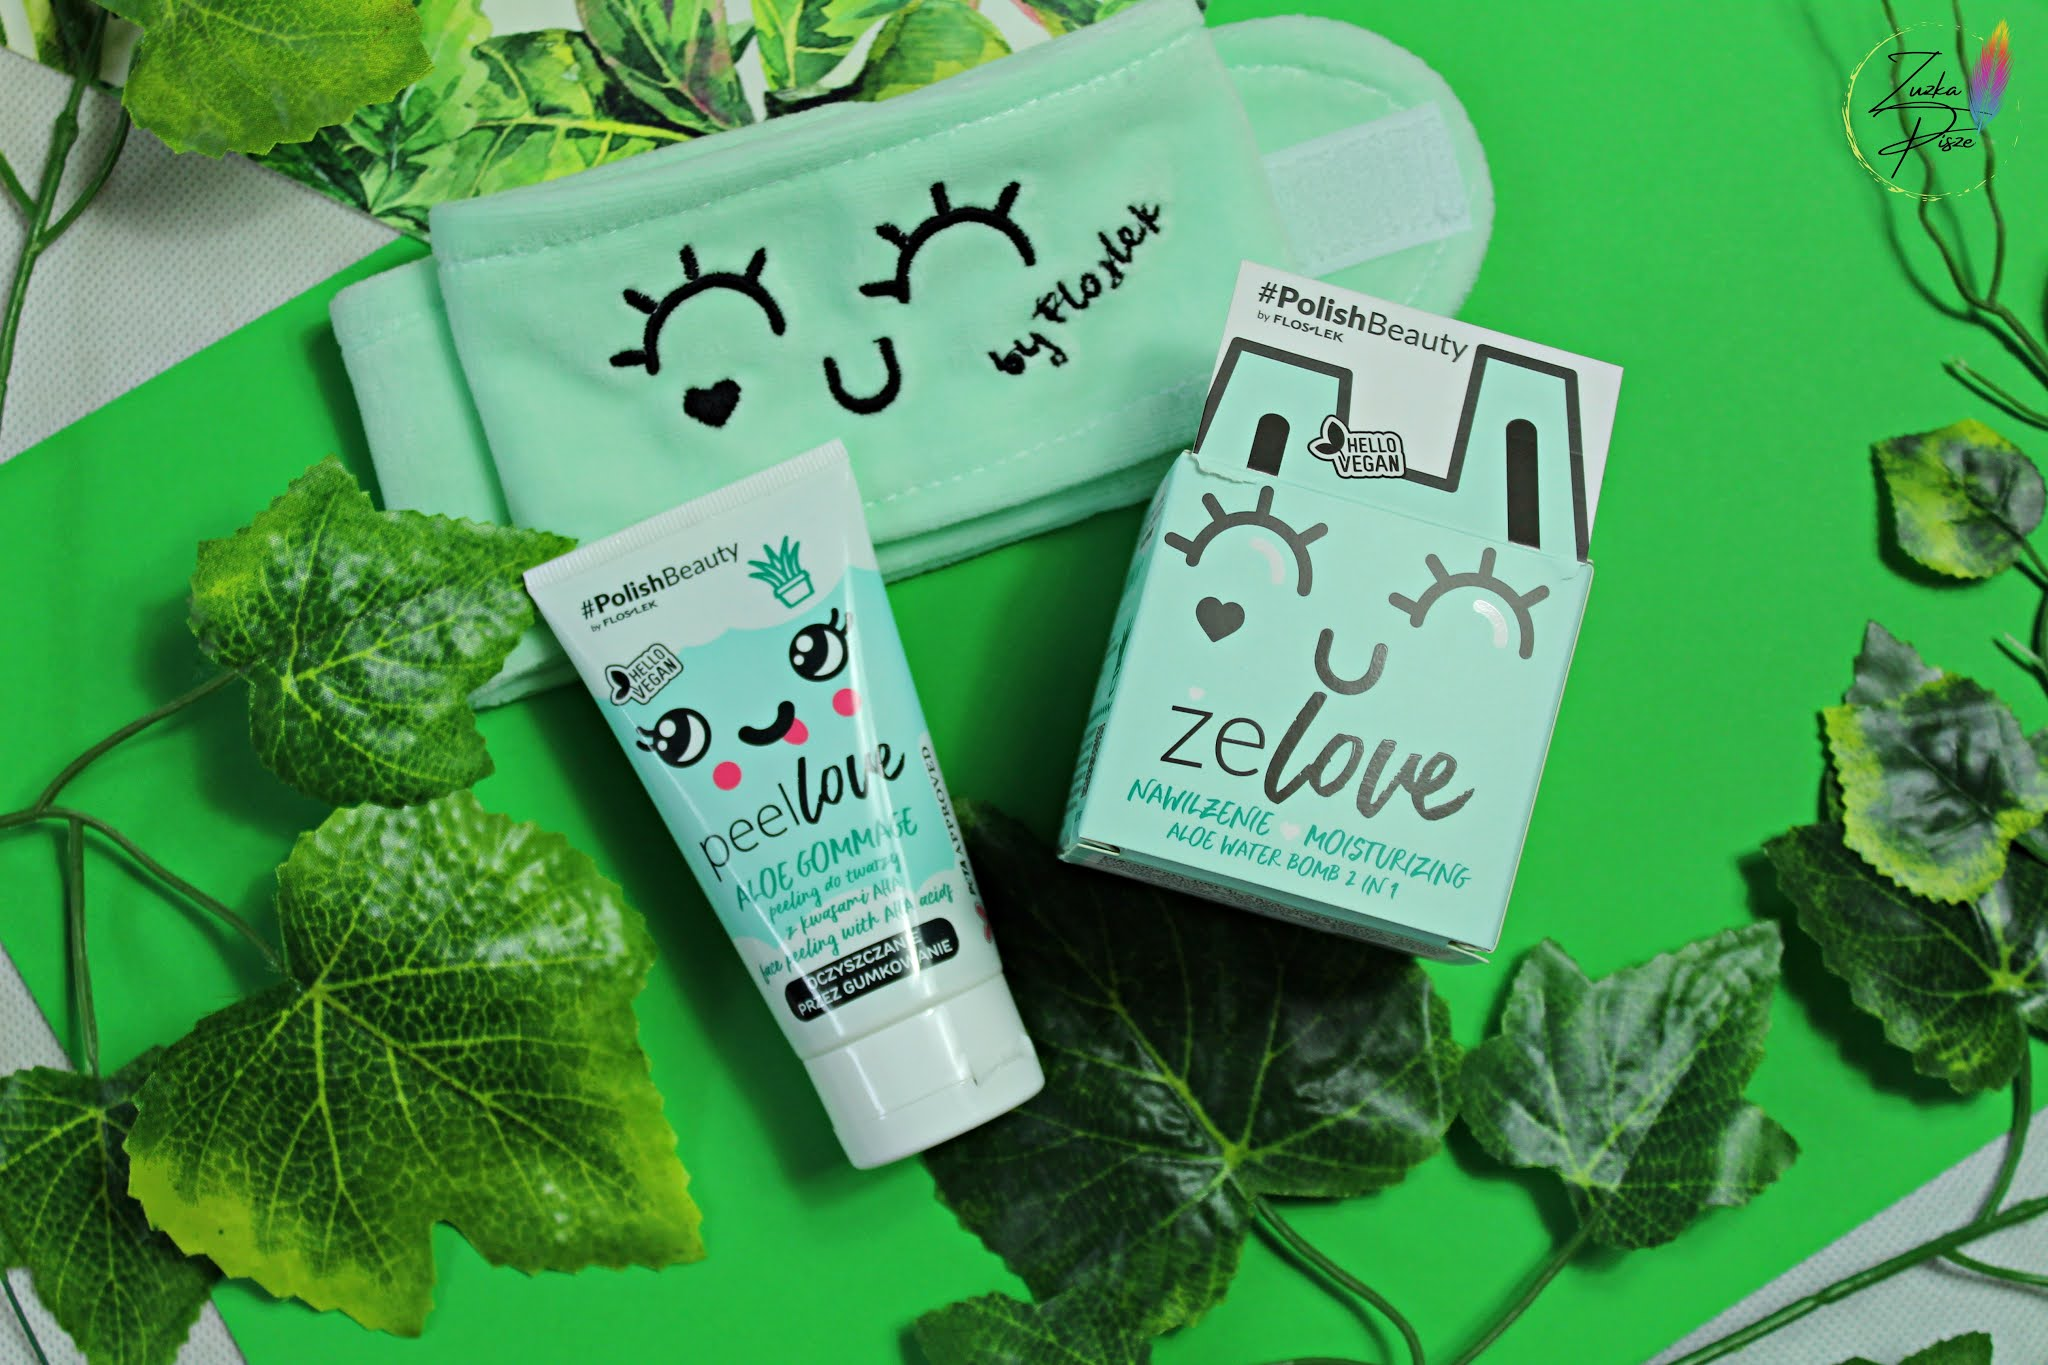 FLOSLEK #PolishBeauty - aloesowa pielęgnacja twarzy produktami ZELOVE & PEELLOVE